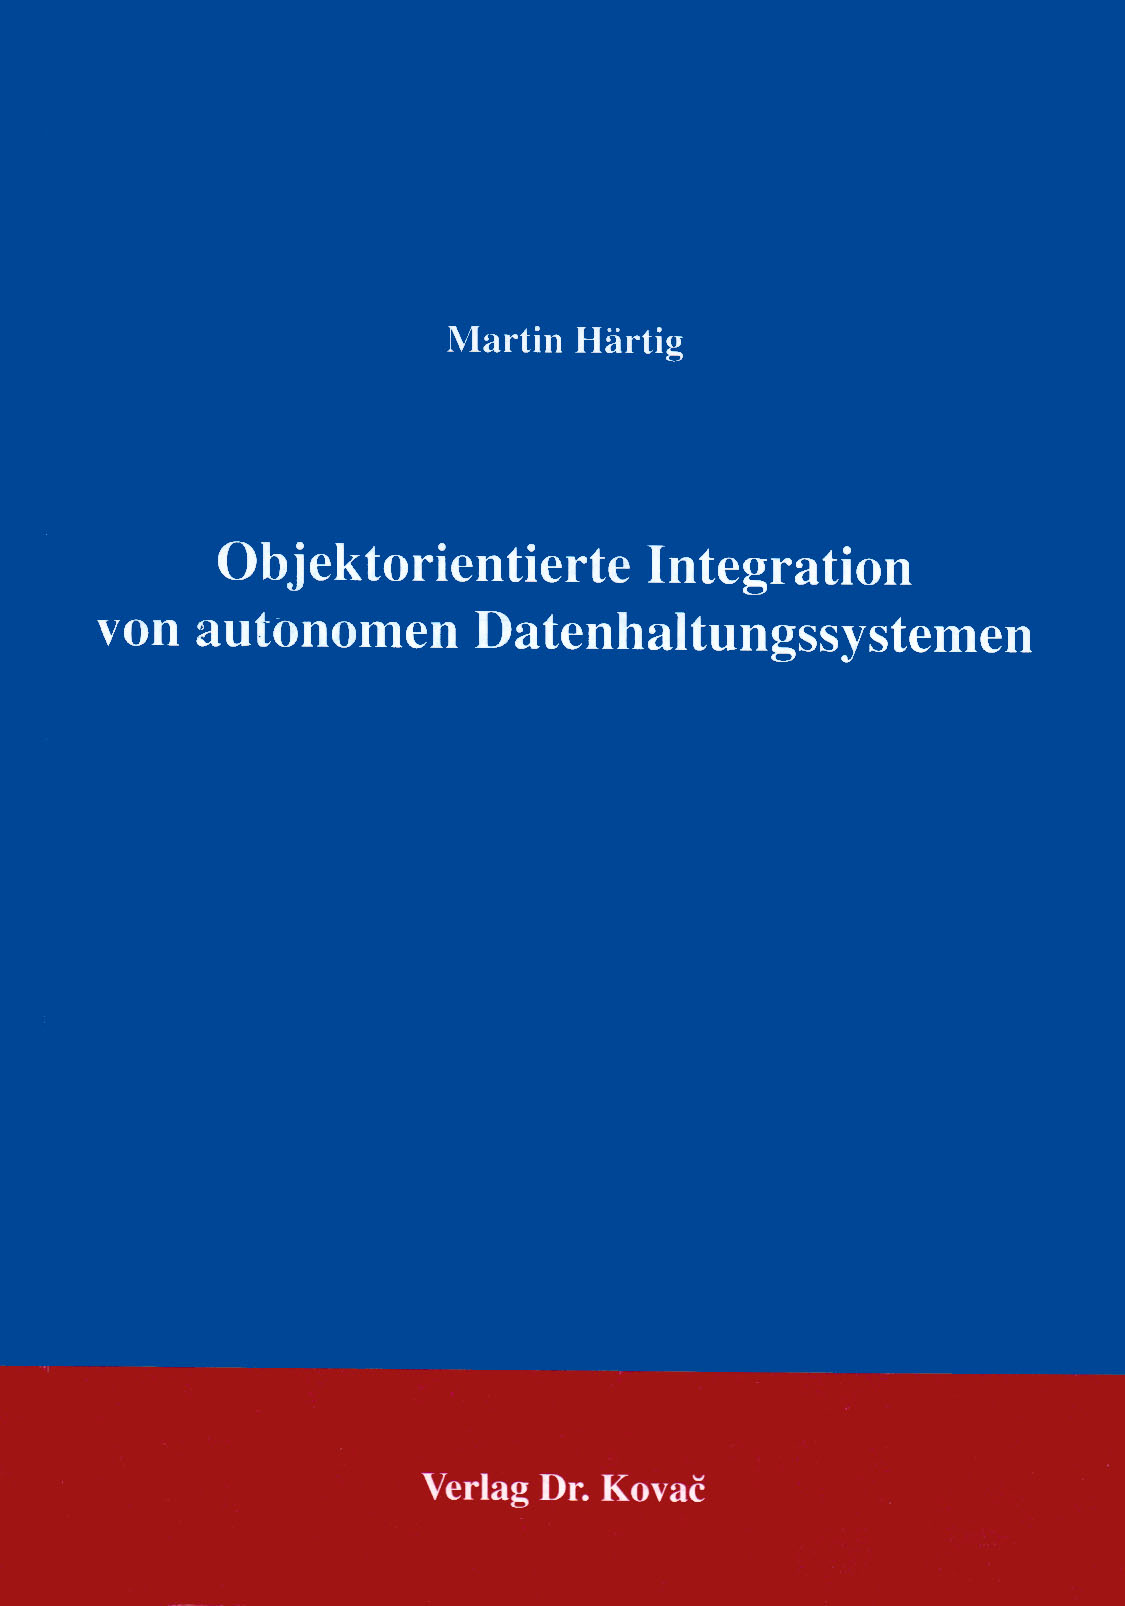 Cover: Objektorientierte Integration von autonomen Datenhaltungssystemen